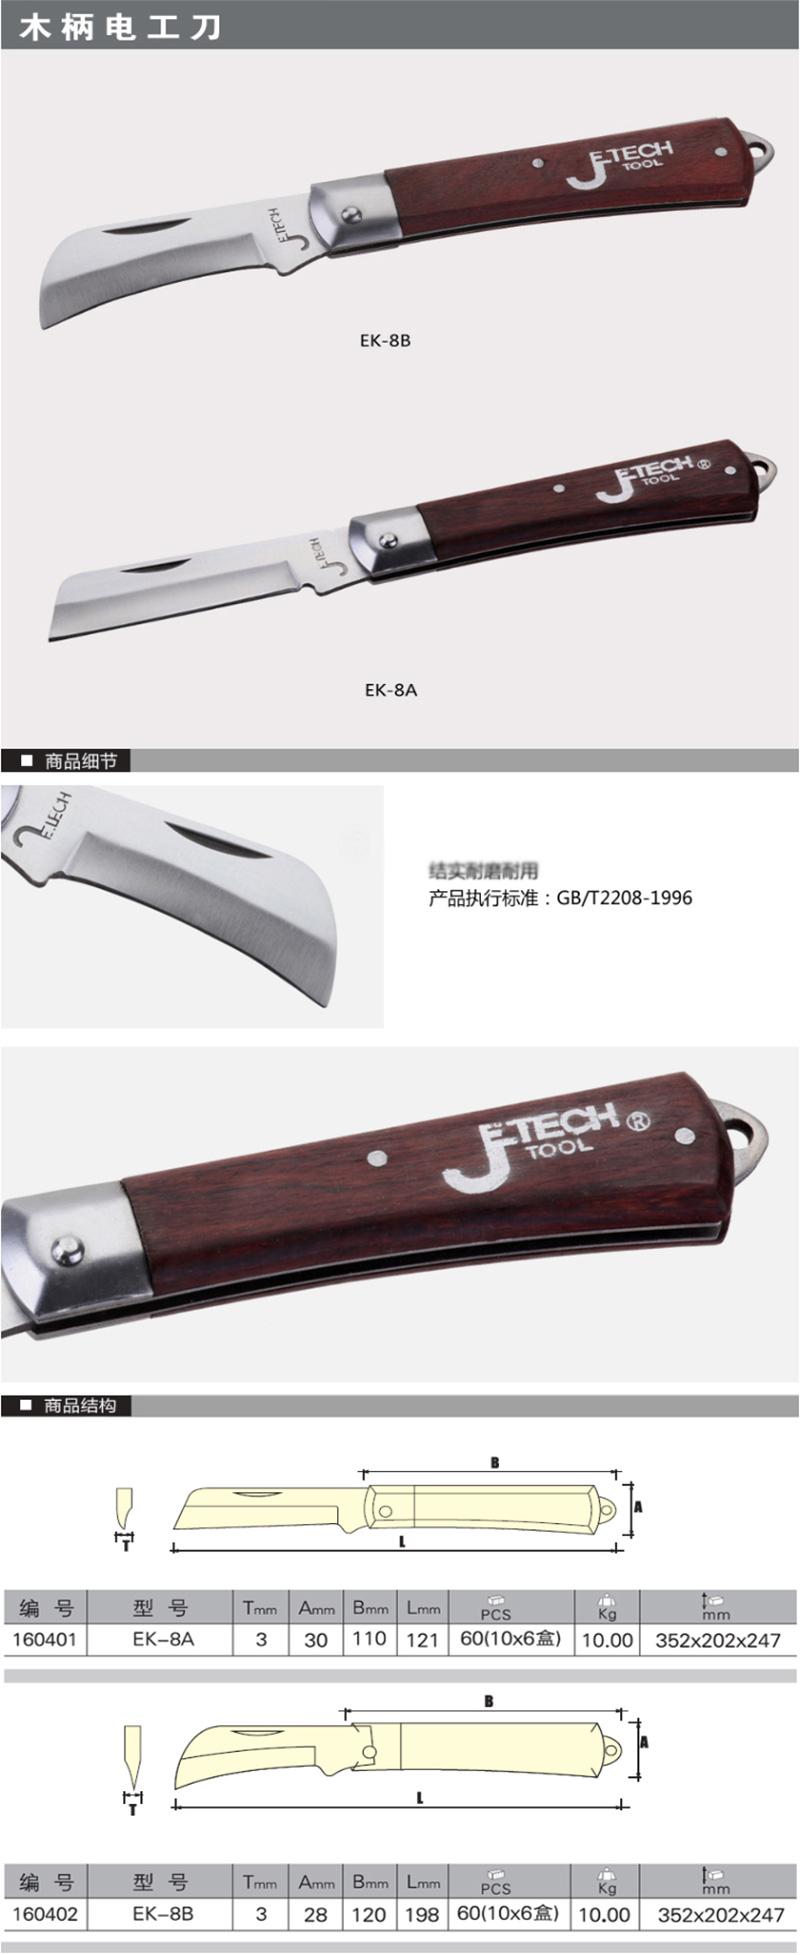 捷科(JETECH)EK-8B 弧刃木柄电工刀